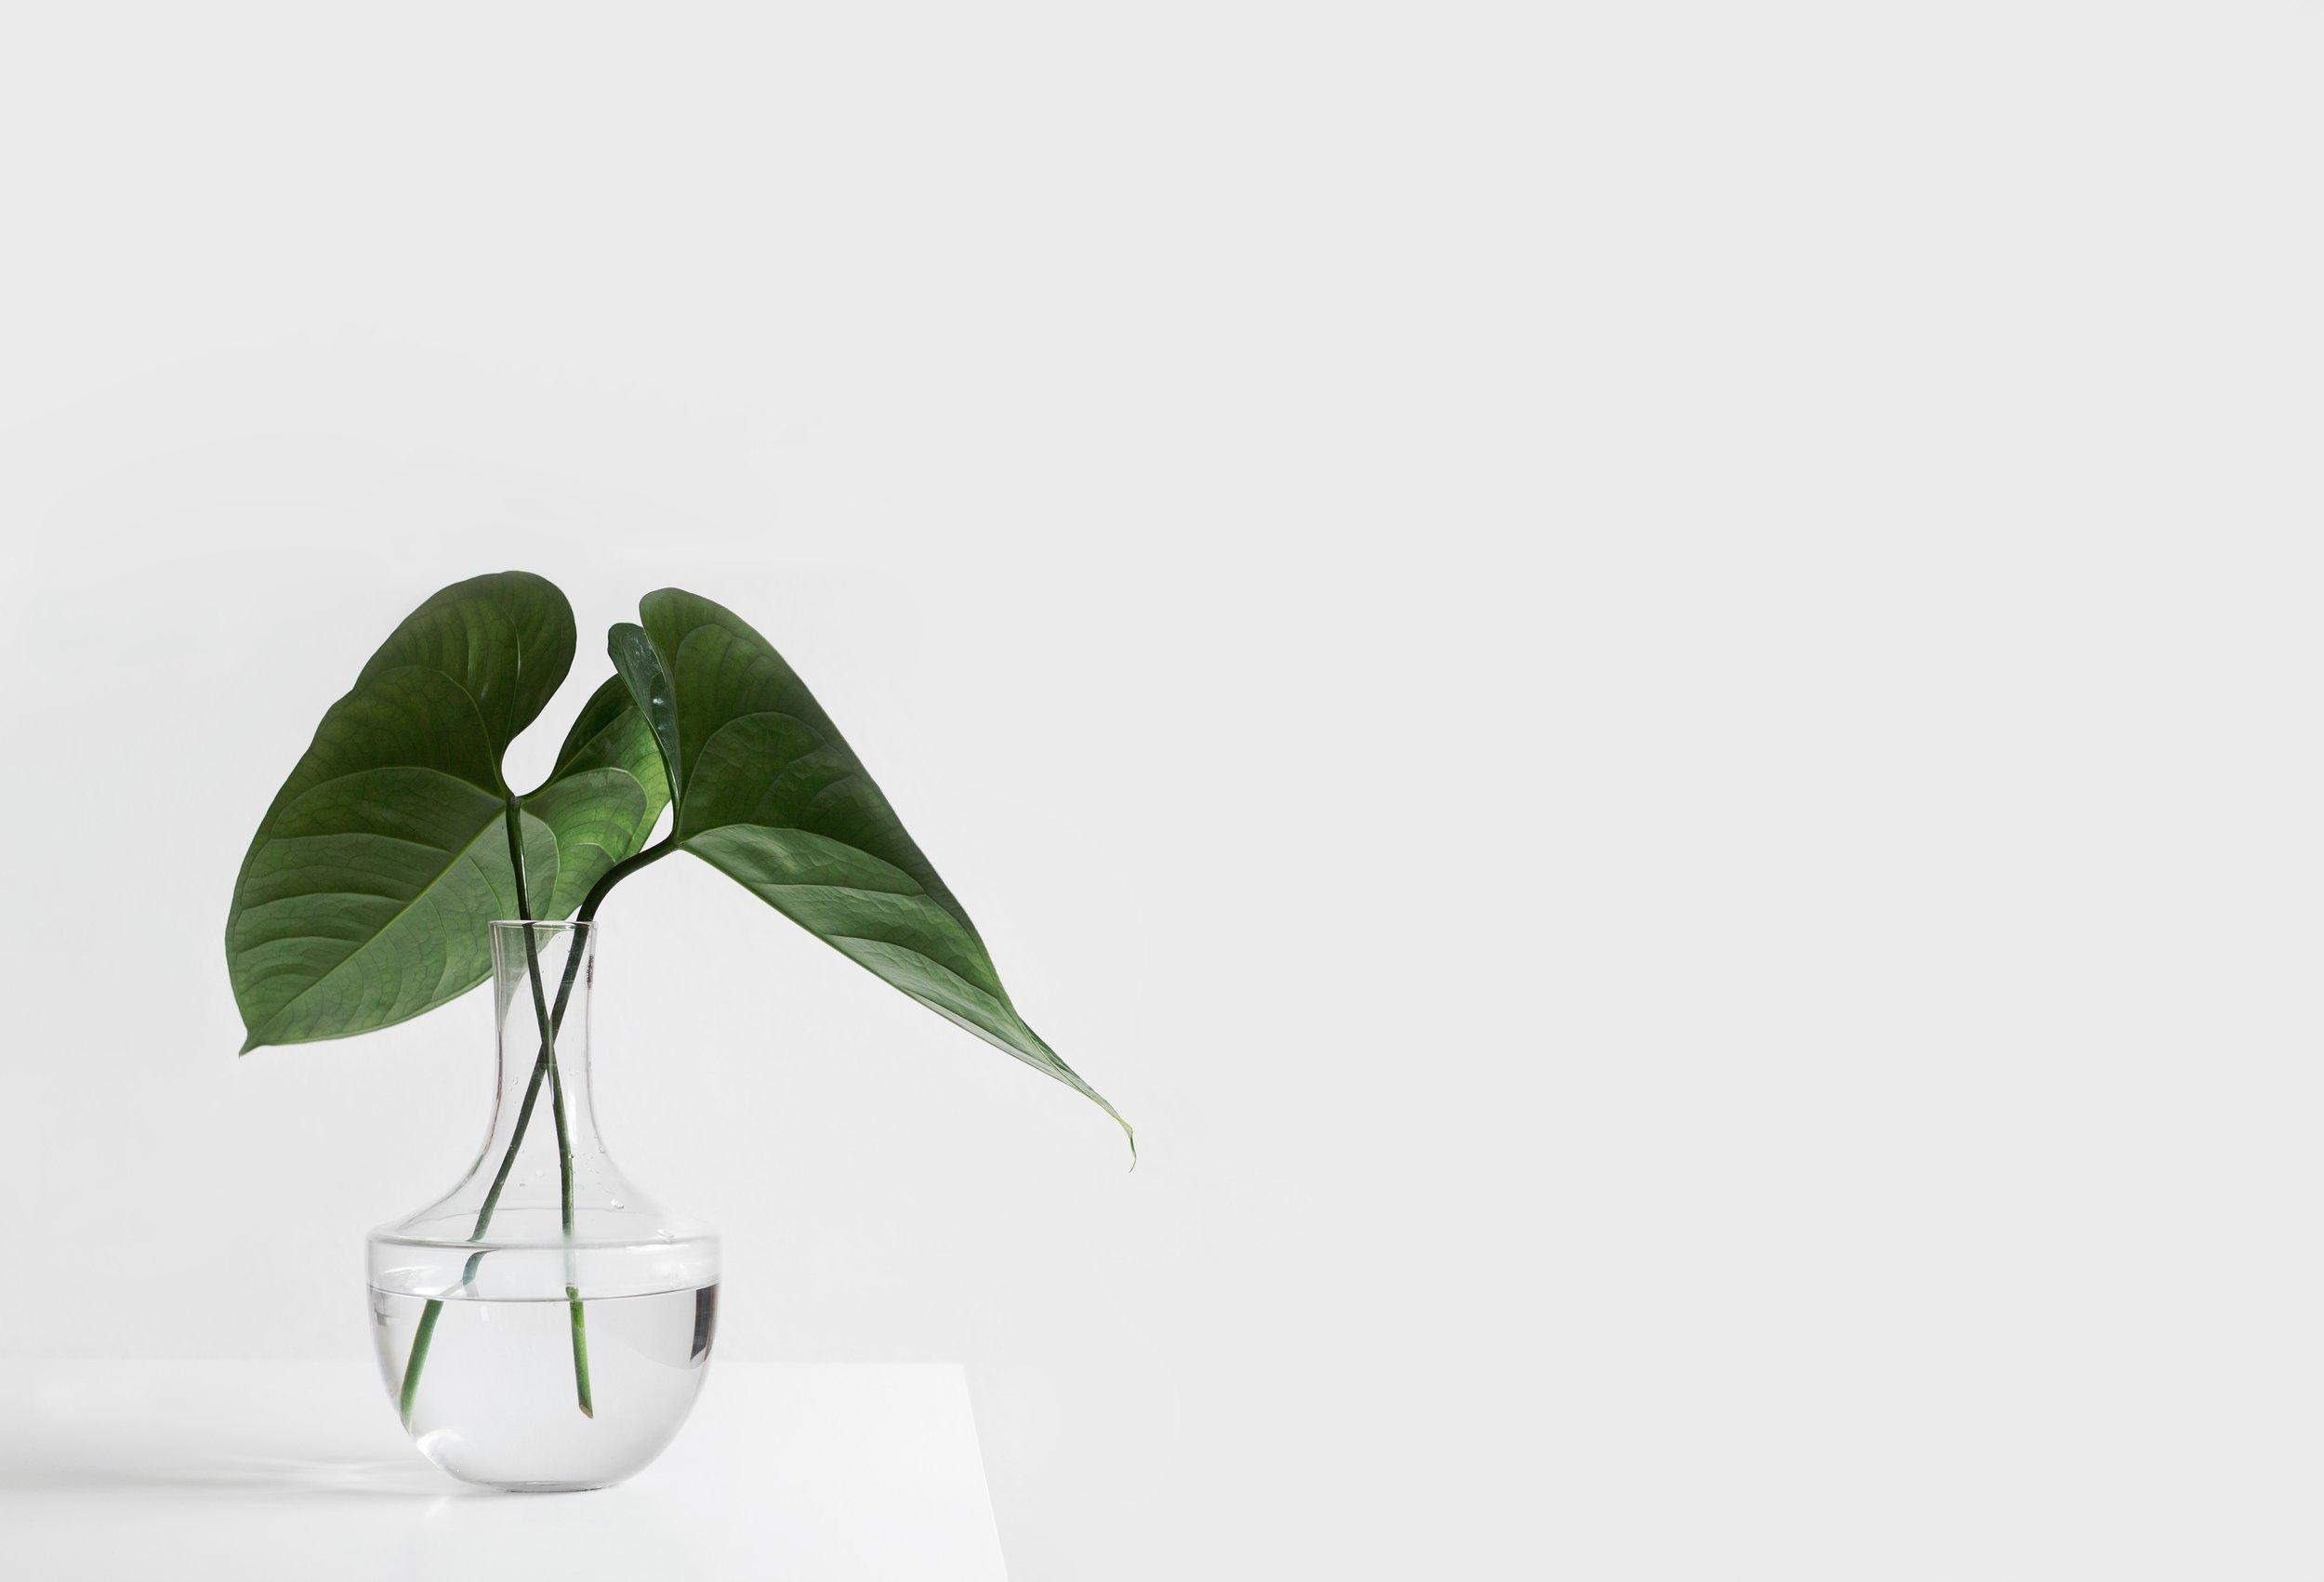 still-plant-in-vase